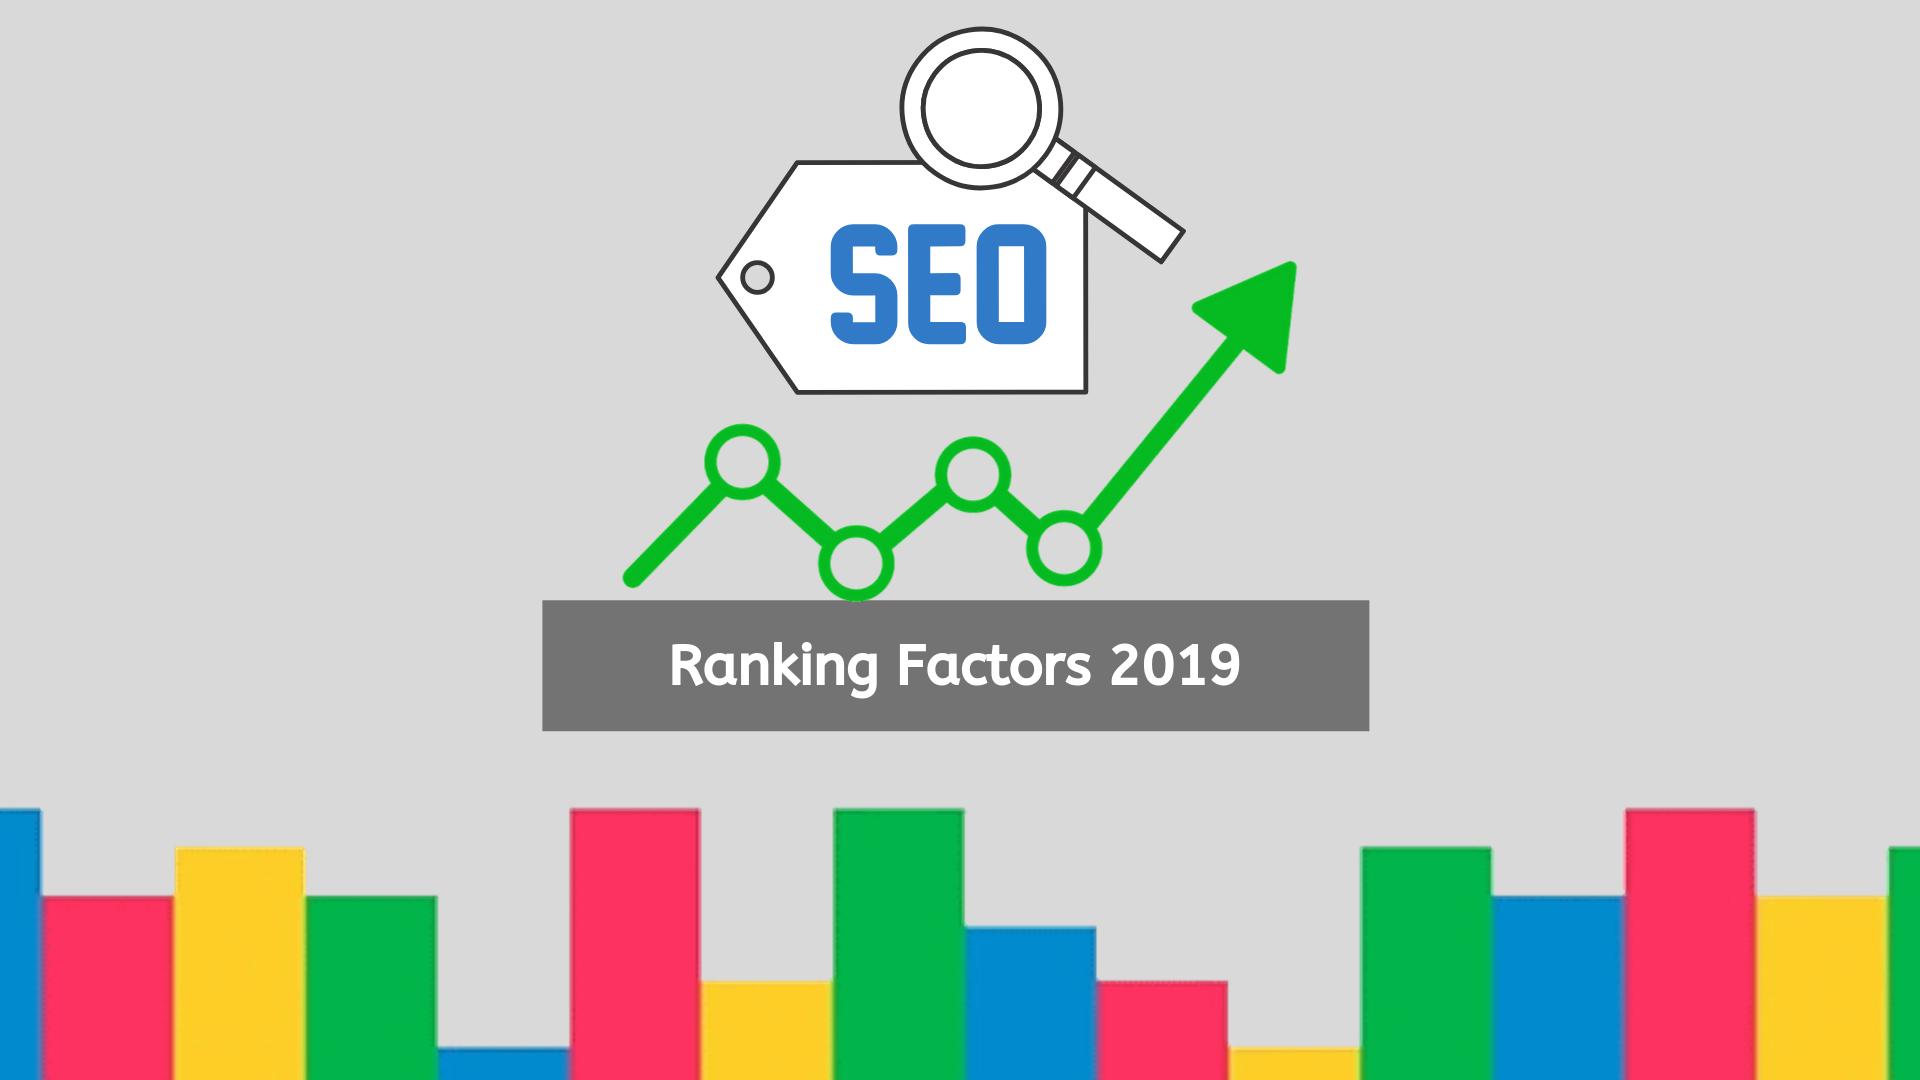 seo ranking factors 2019